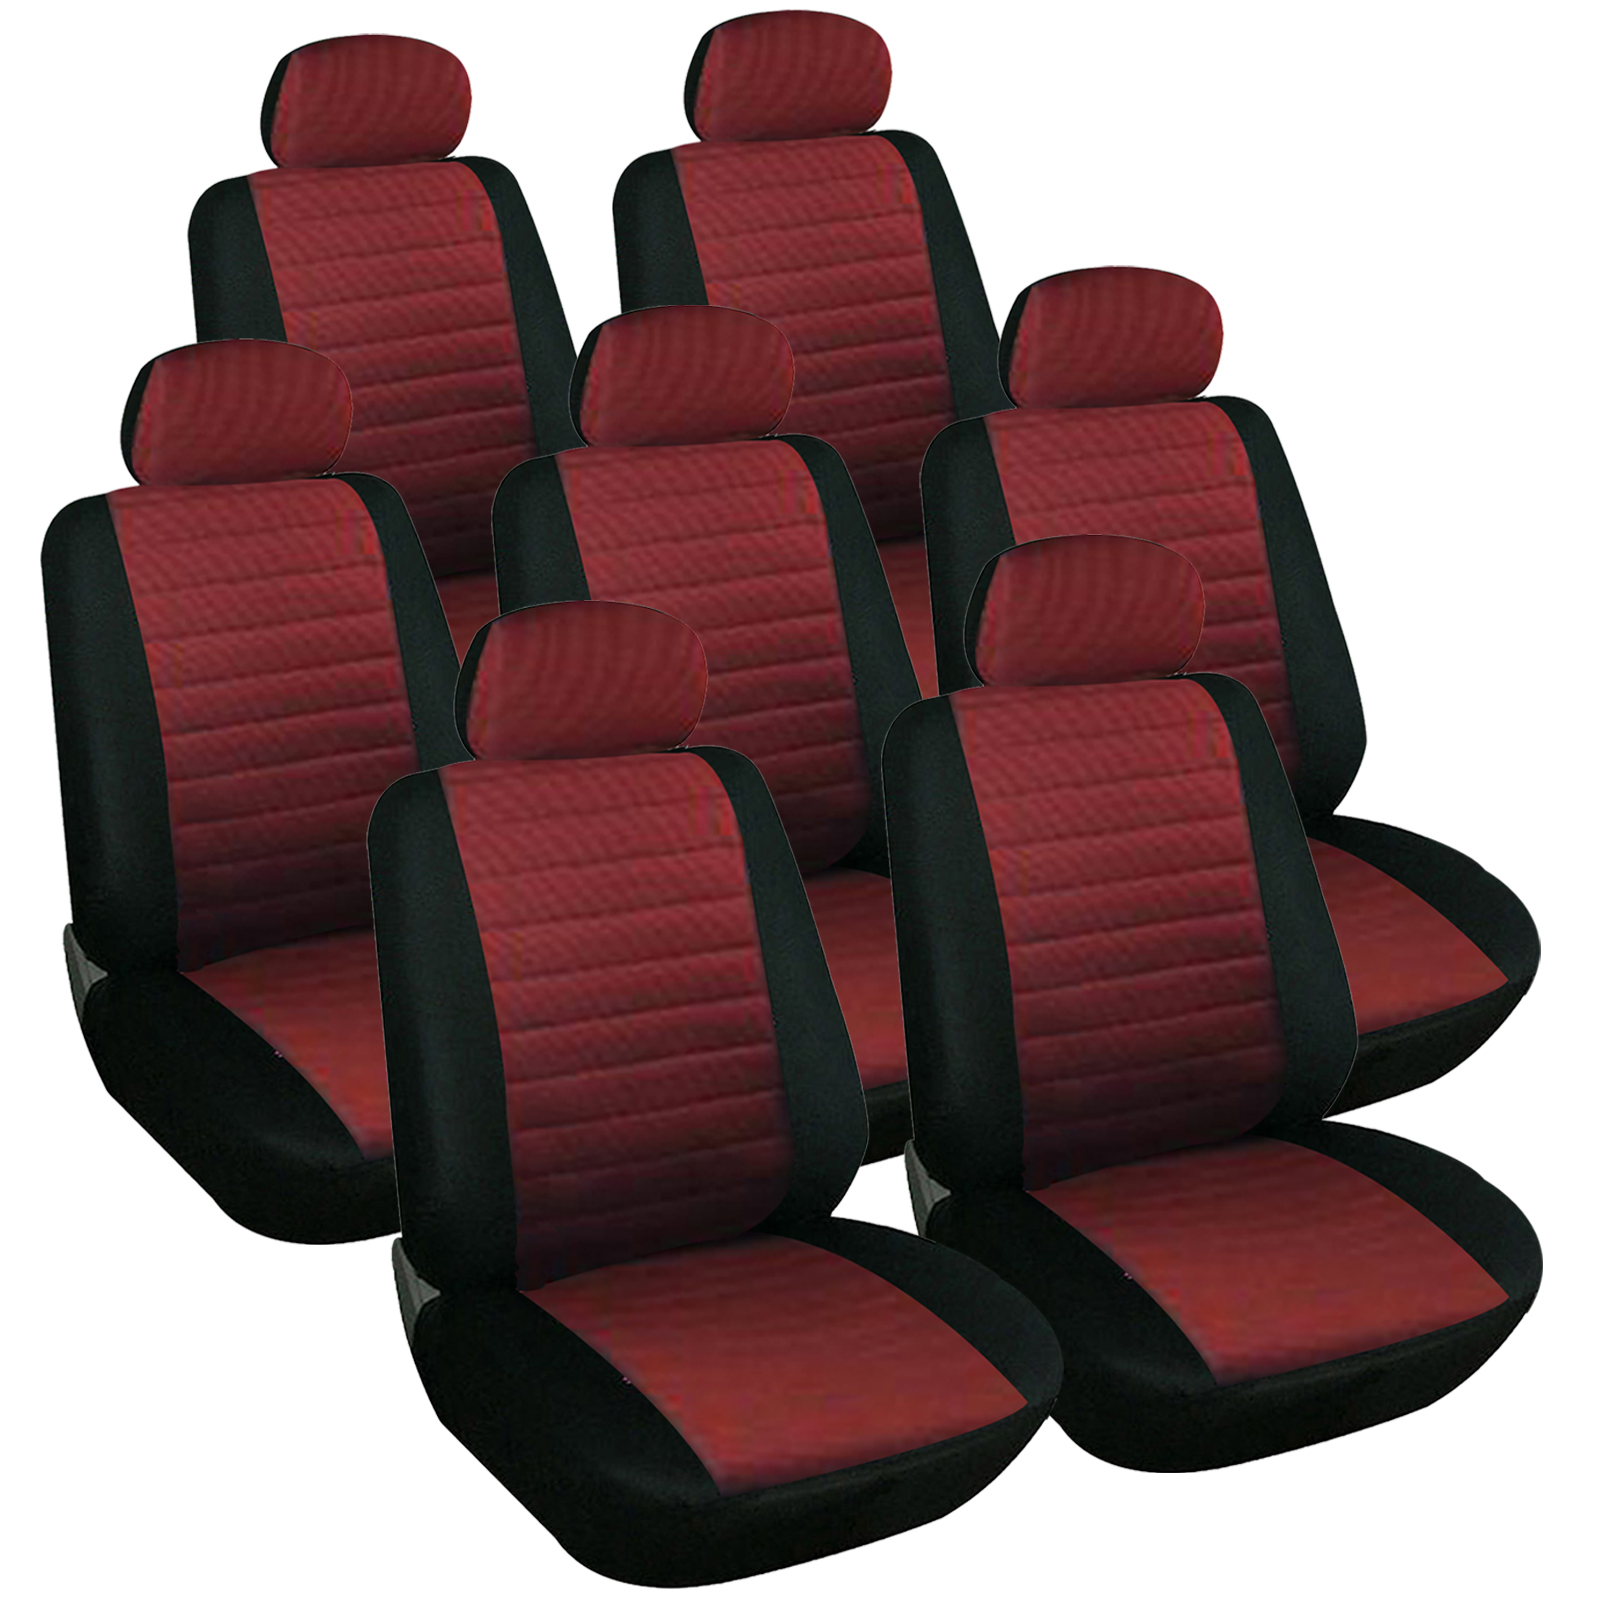 housse de si ge universelle 7 pi ce en polyester couvre si ge noir rouge f7233 7 ebay. Black Bedroom Furniture Sets. Home Design Ideas